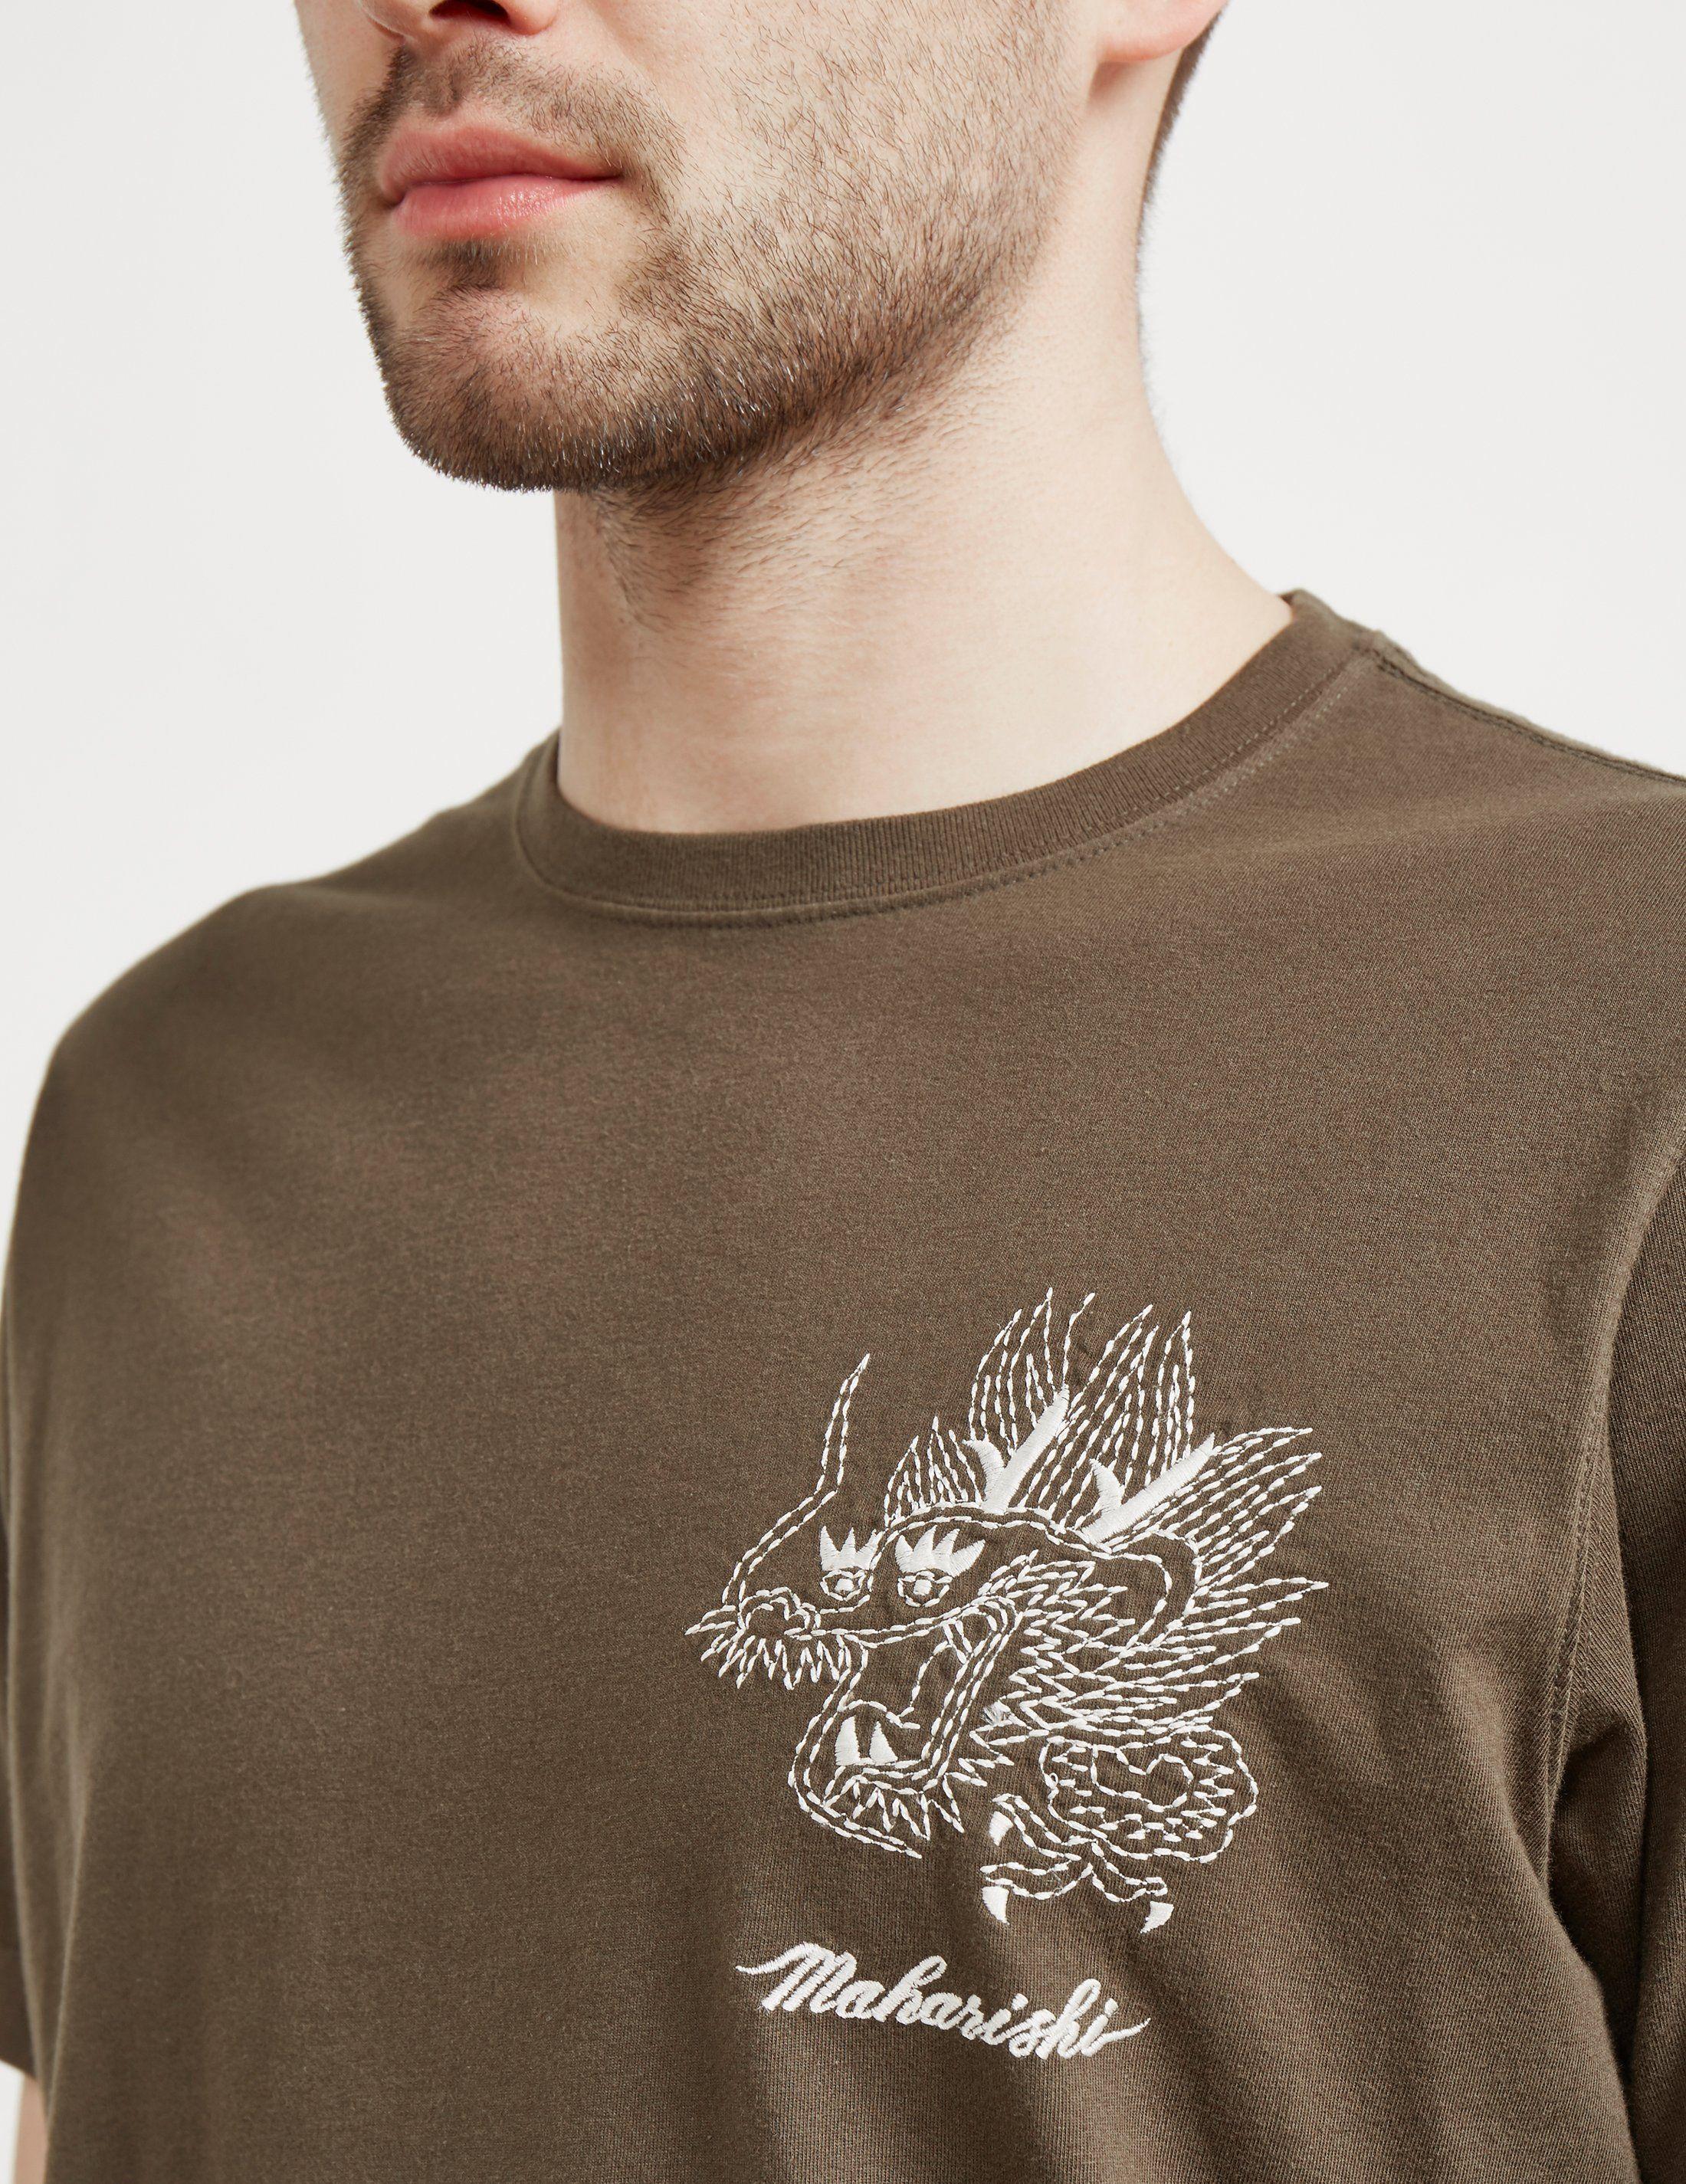 Maharishi Sten Dragon Short Sleeve T-Shirt